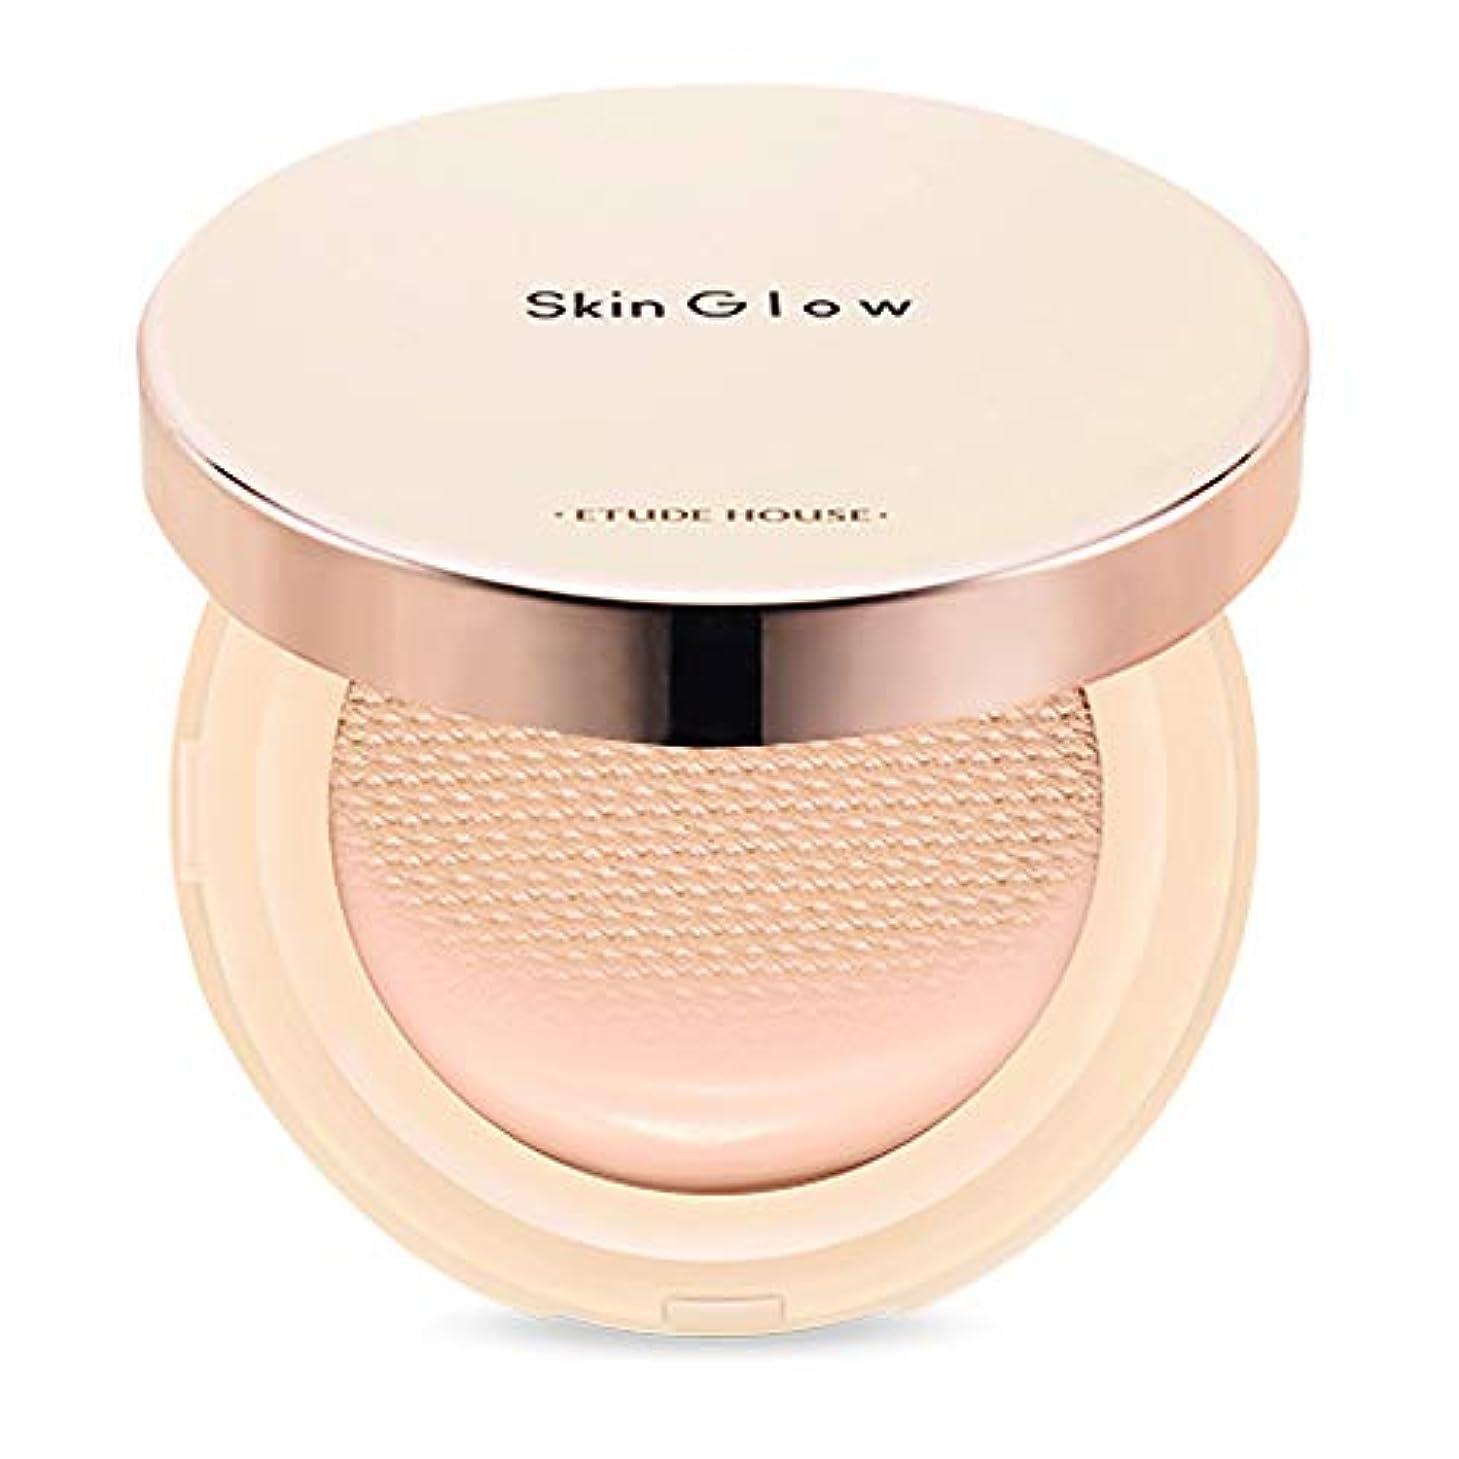 劇場アイスクリーム便利Etude House Skin Glow Essence Cushion SPF50+/PA++++ エチュードハウス スキン グロー エッセンス クッション (# P03 Light Vanilla) [並行輸入品]